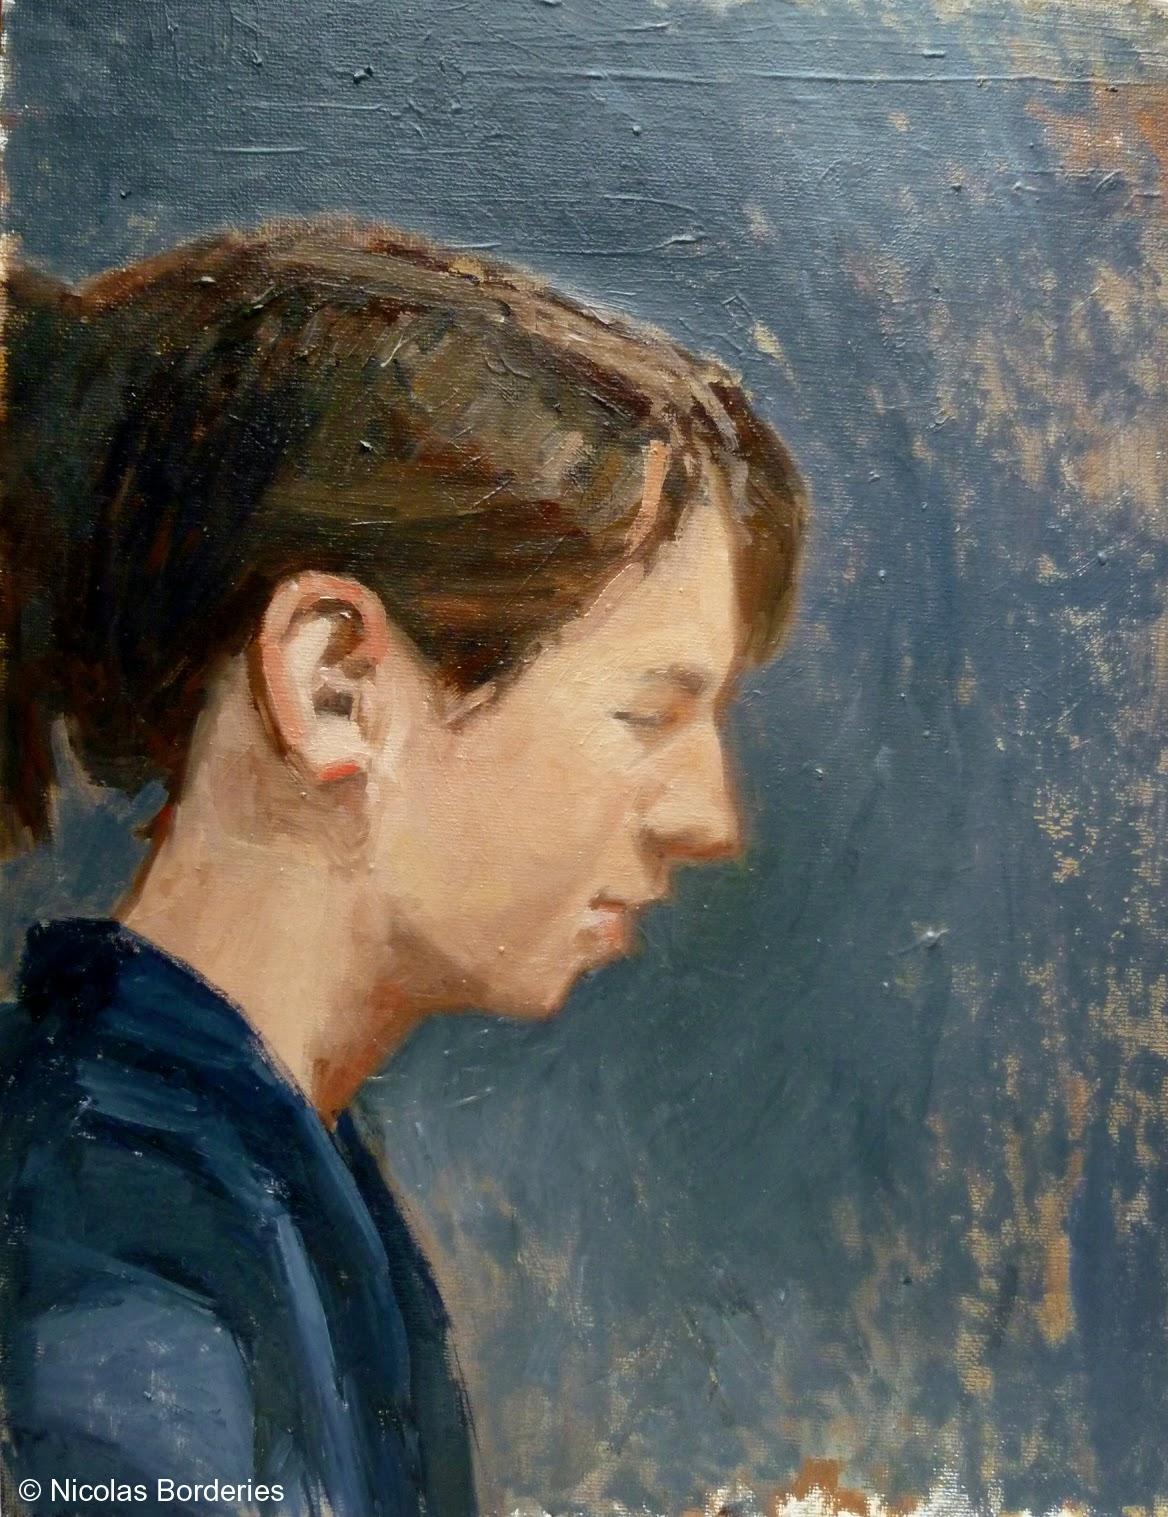 Nicolas Borderies Peintures Quelques portraits récents réalisés d'après modèle vivant ¤ Some recent portraits from life